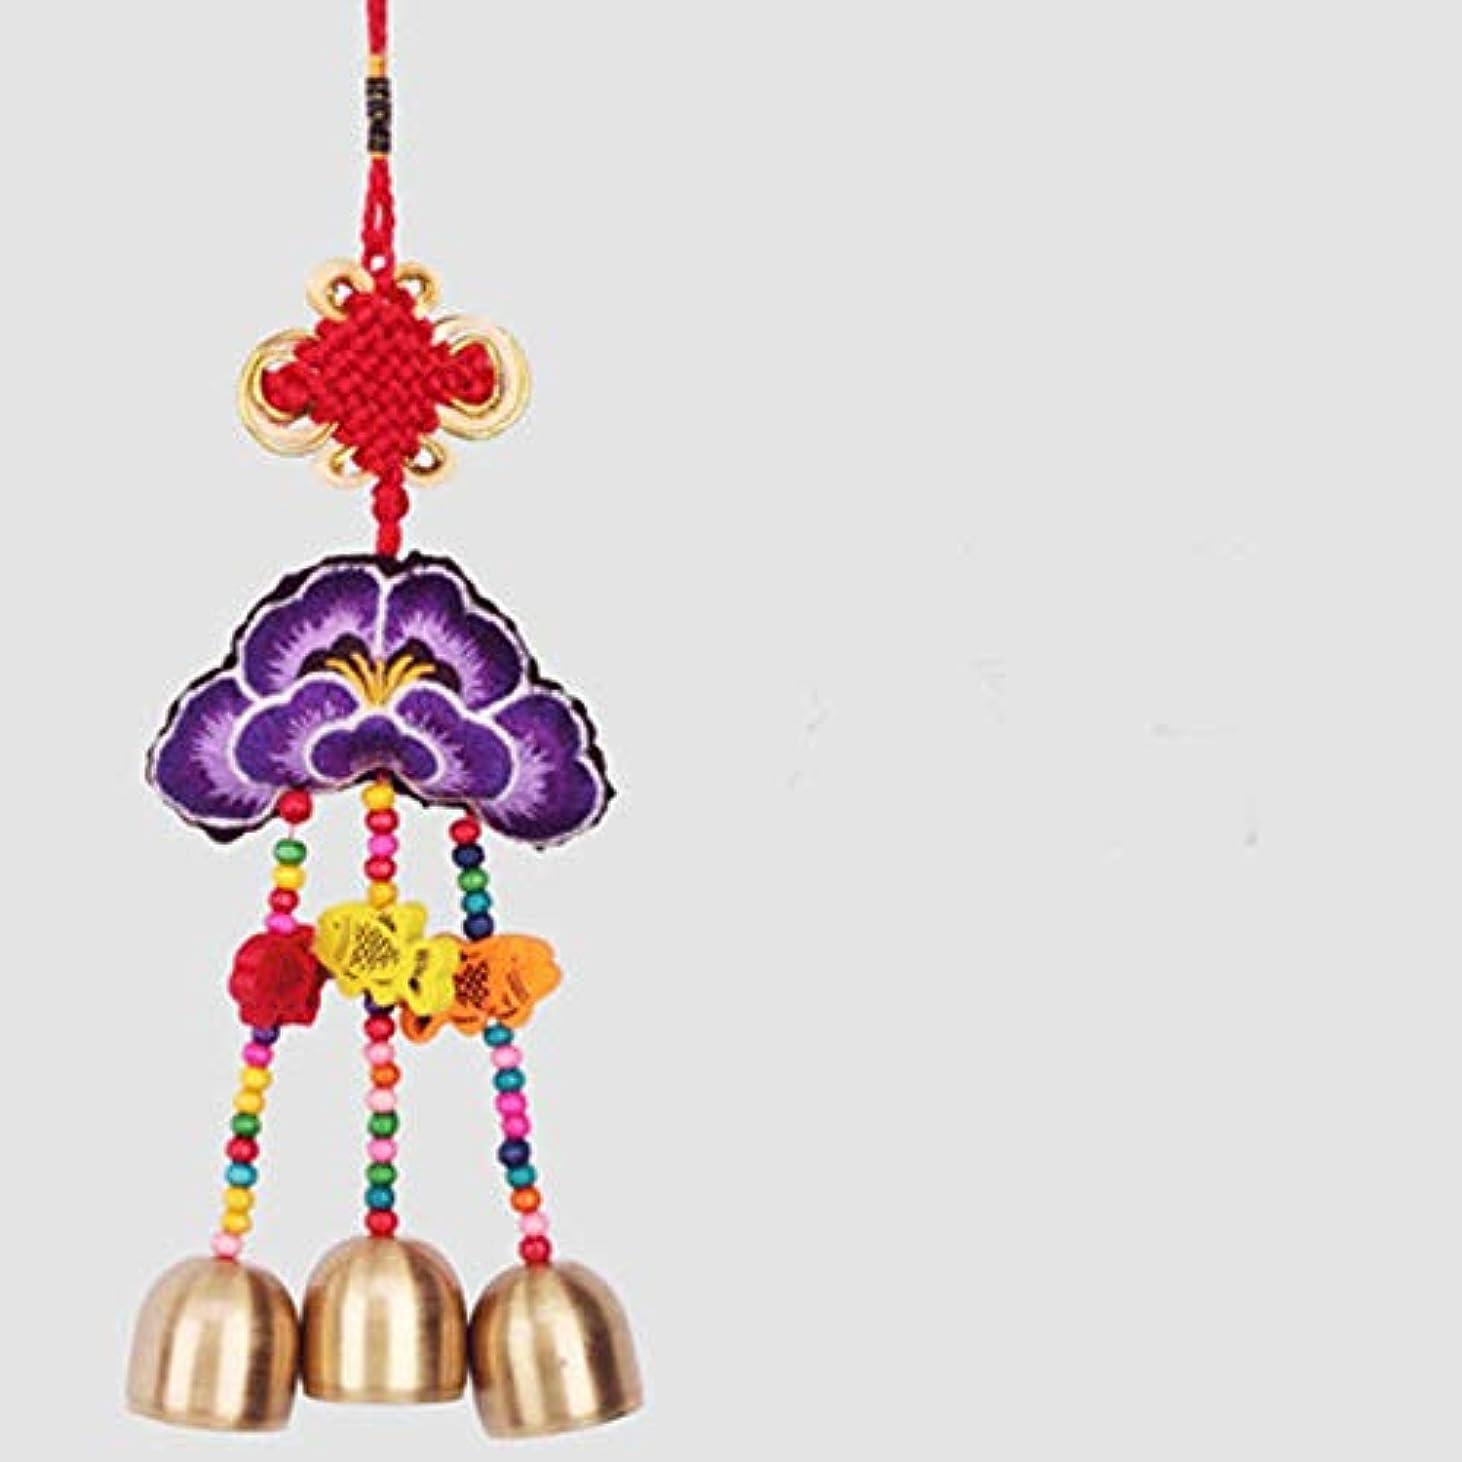 リフトあなたは精査Chengjinxiang Small Wind Chimes、中華風刺繍工芸品、14スタイル、ワンピース,クリエイティブギフト (Color : 6)